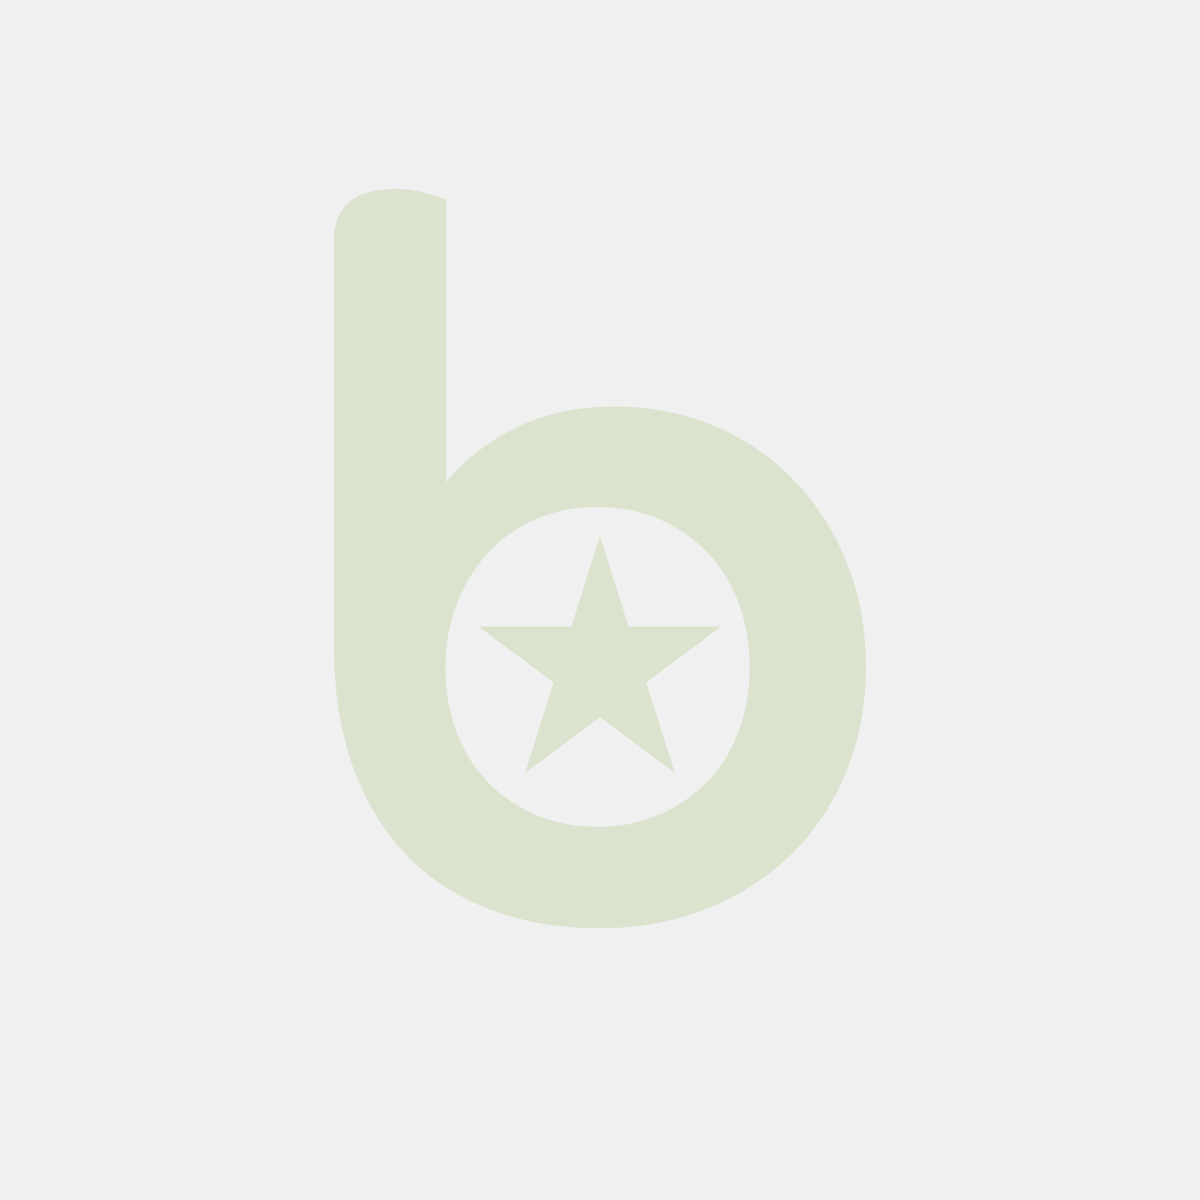 Pojemnik obiadowy do zgrzewu K 227/3, trójdzielny, czarny, 227x178x40, cena za opakowanie 50szt